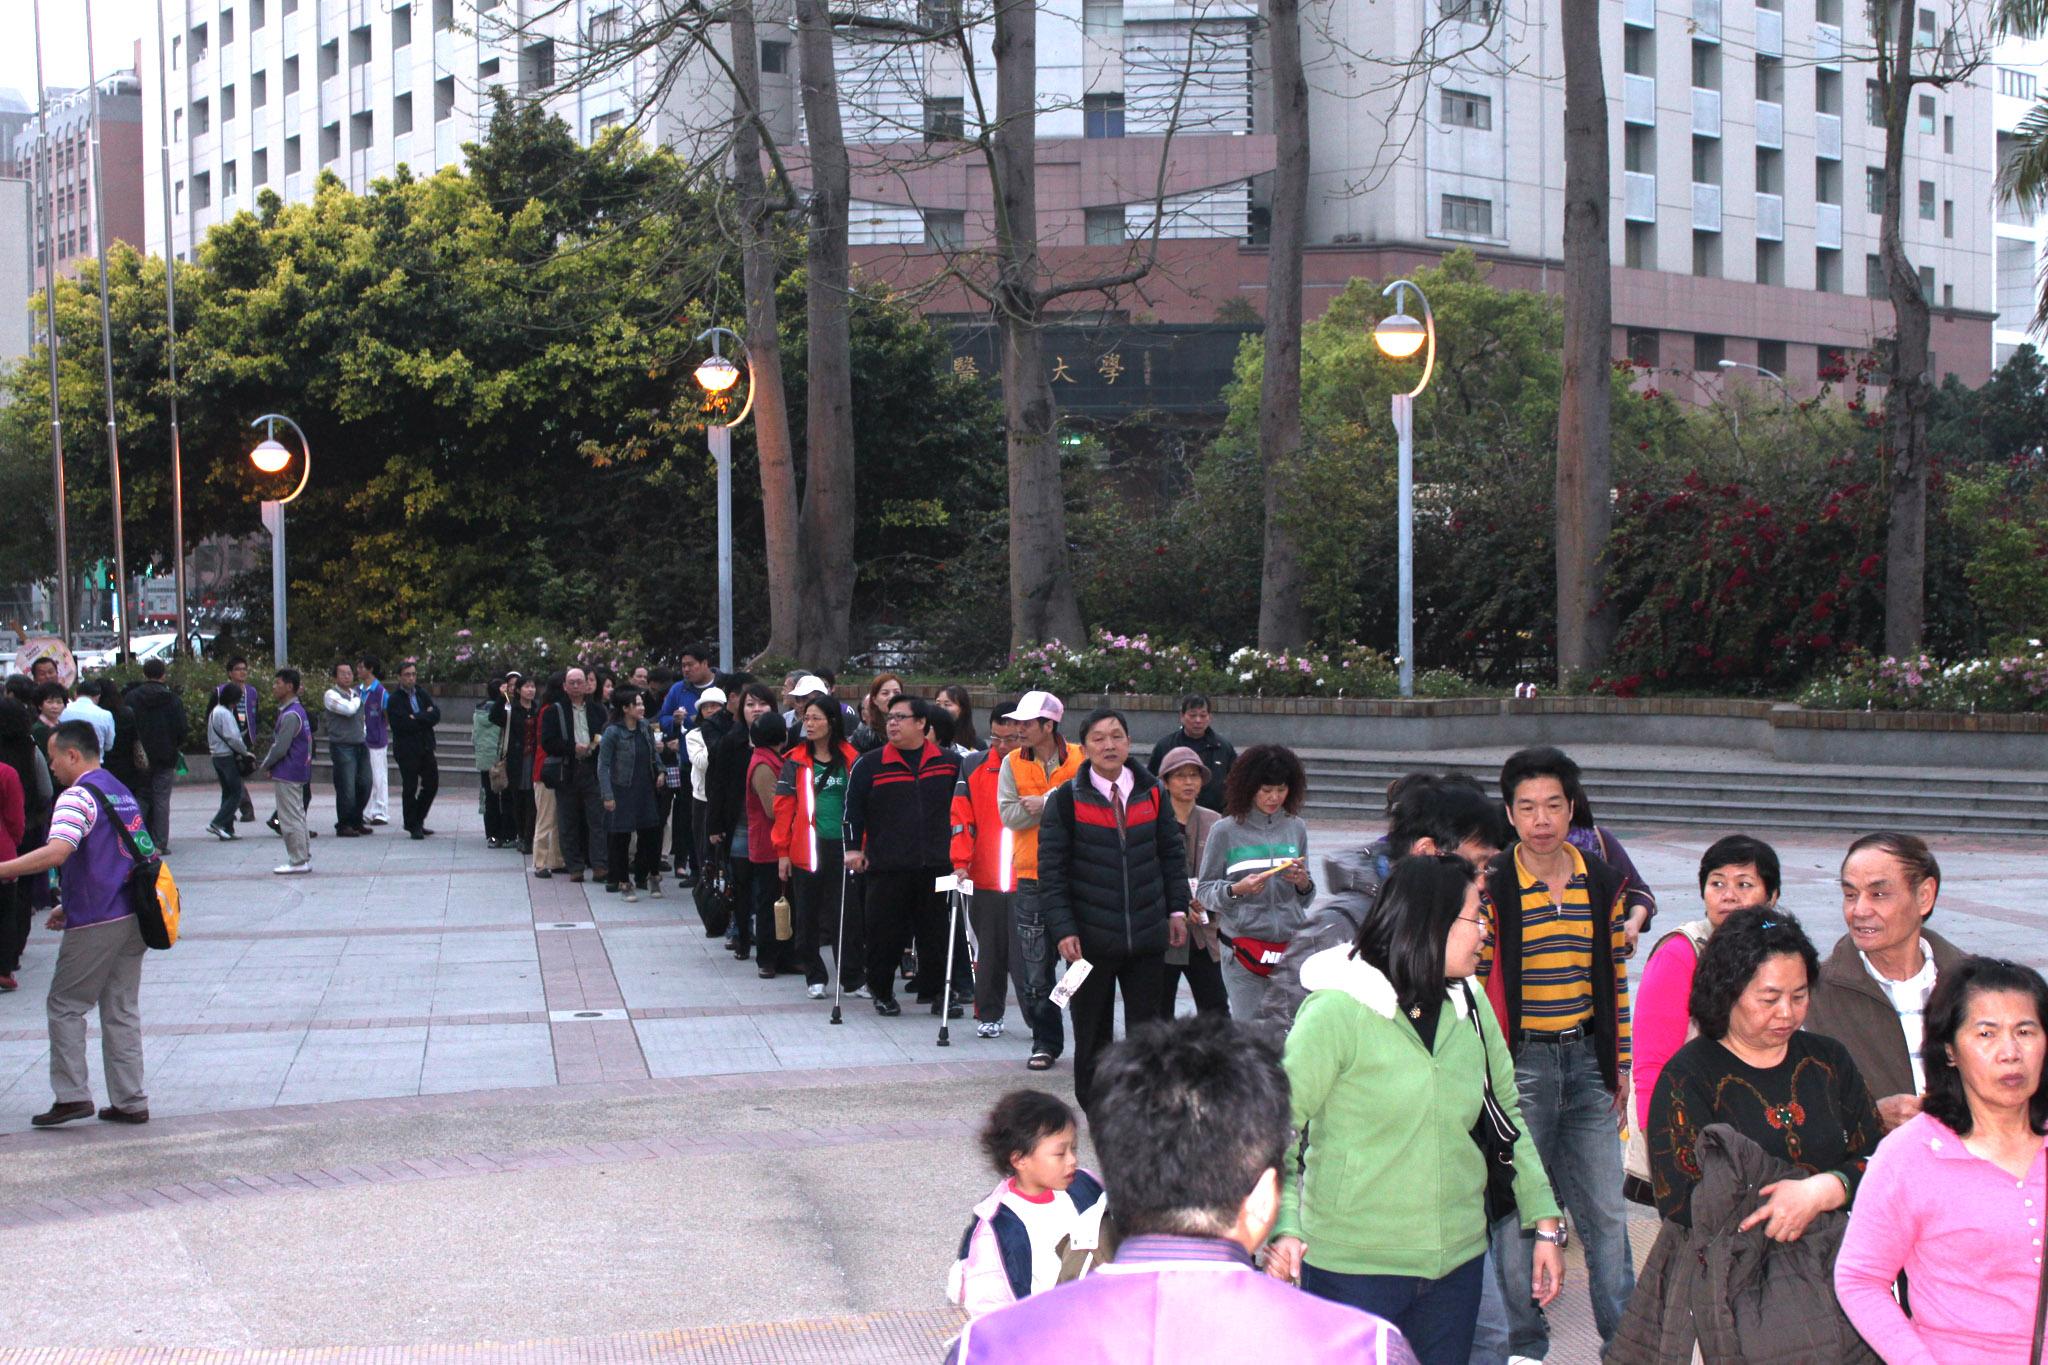 熱情民眾踴躍排隊參與此次演唱會活動。